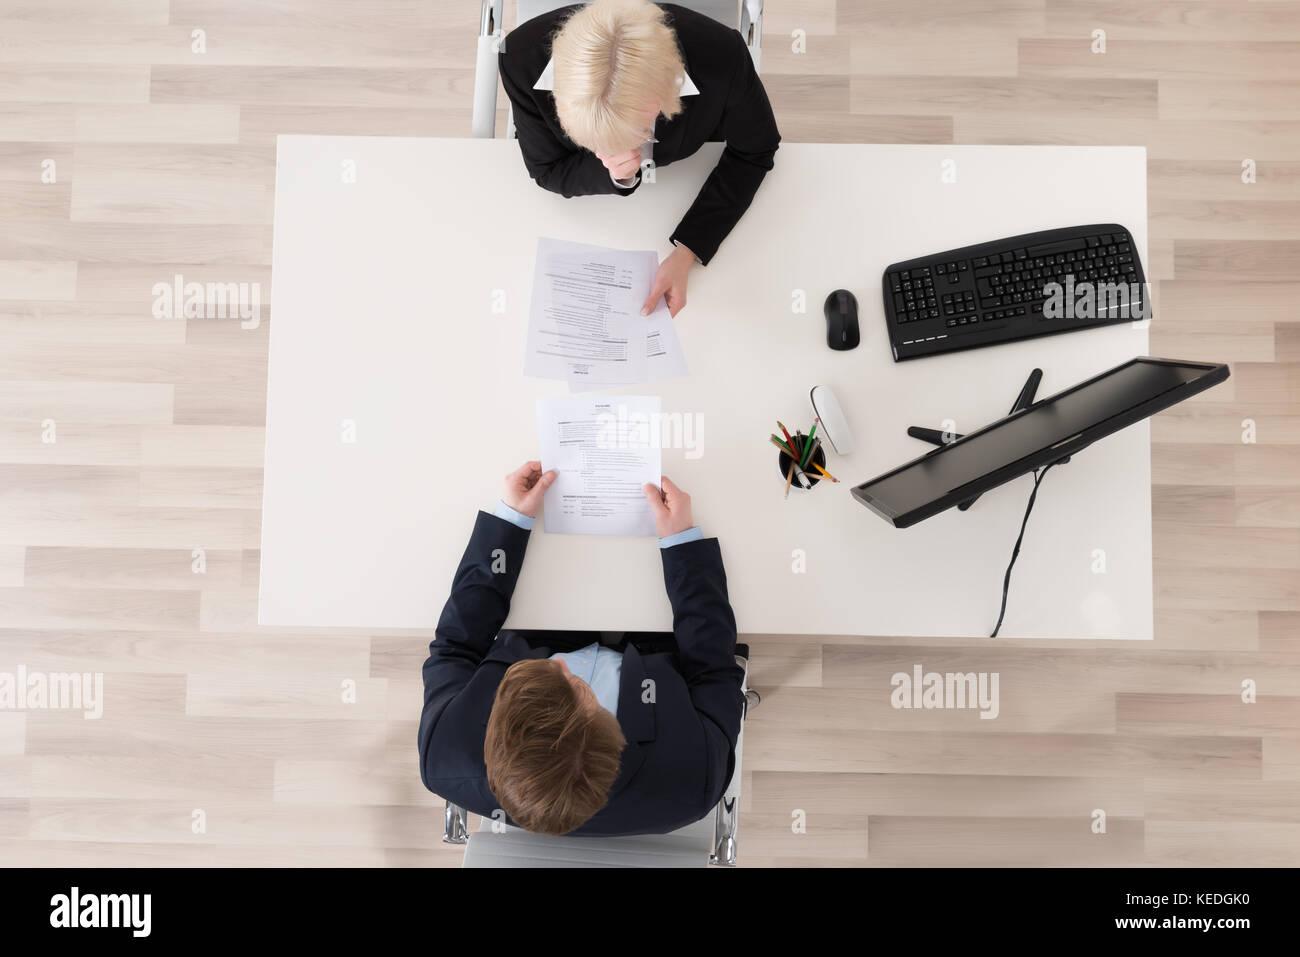 Hohe Betrachtungswinkel Vorstellungsgespräch am Schreibtisch Stockbild